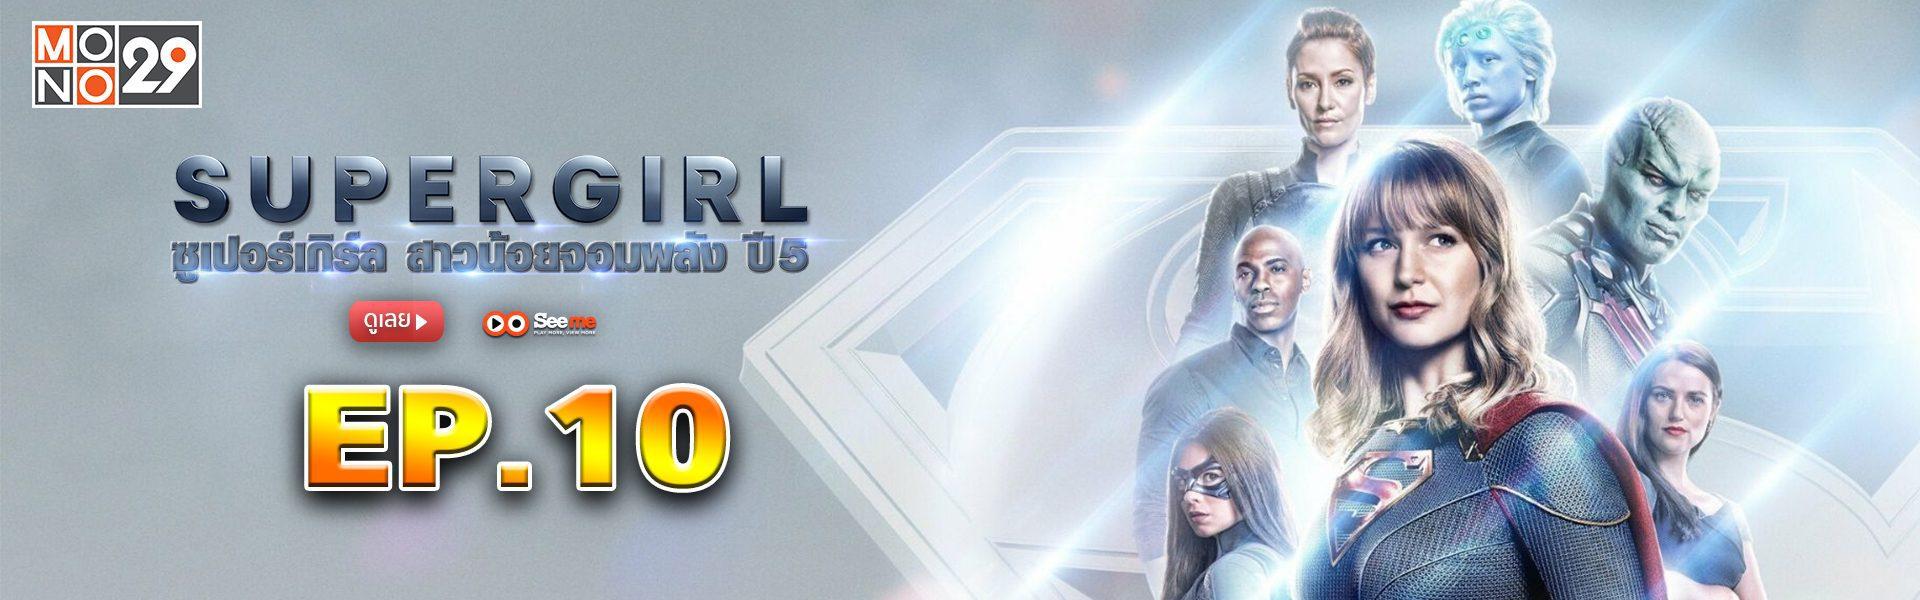 Supergirl สาวน้อยจอมพลัง ปี 5 EP.10 [1/5]